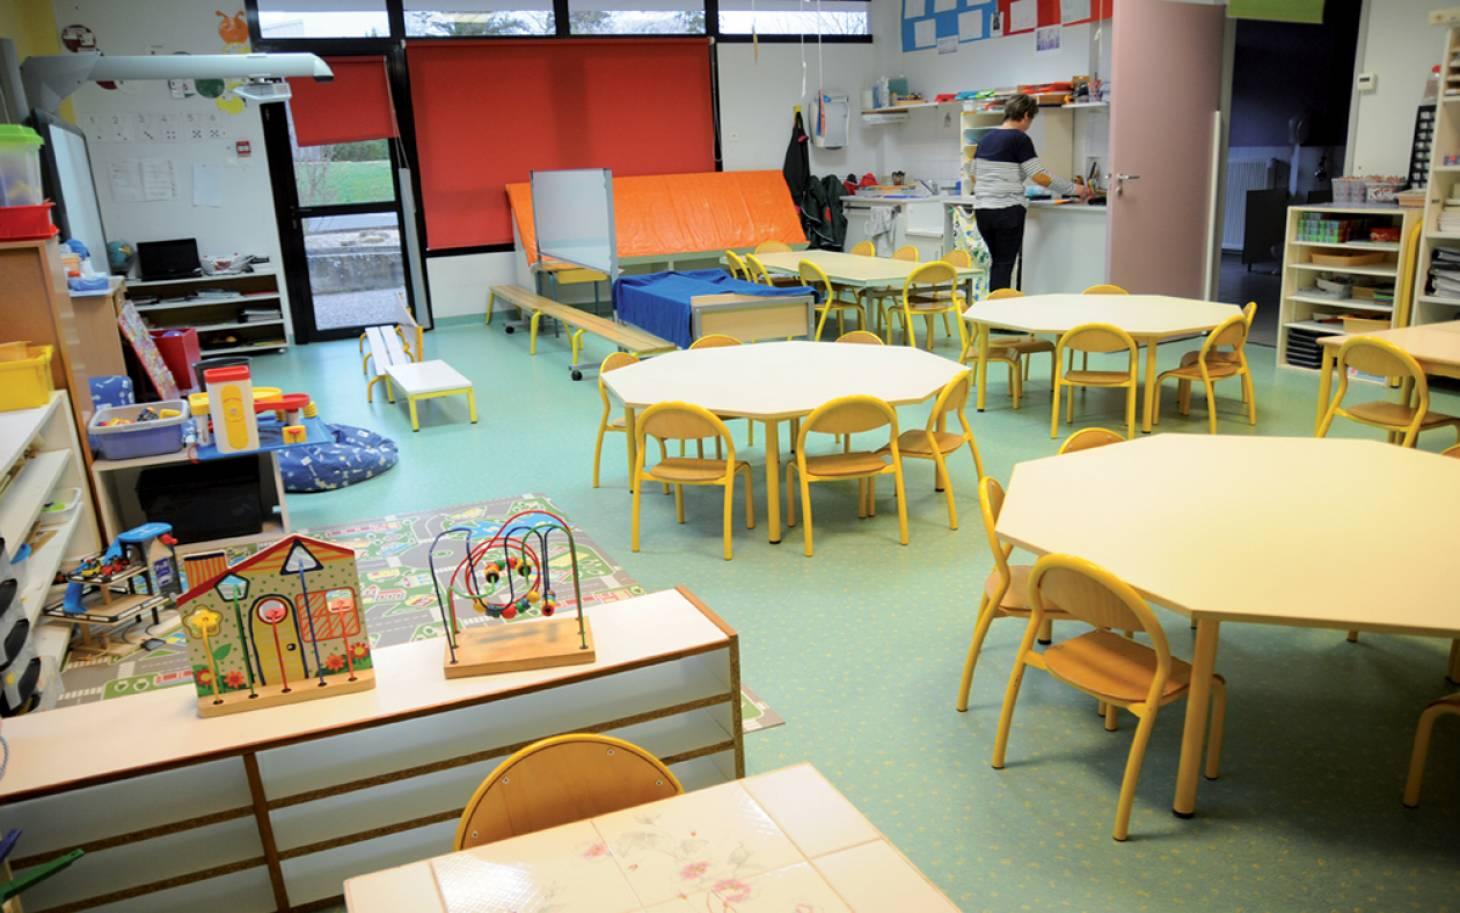 Ecole/Déconfinement : les élèves sous observation